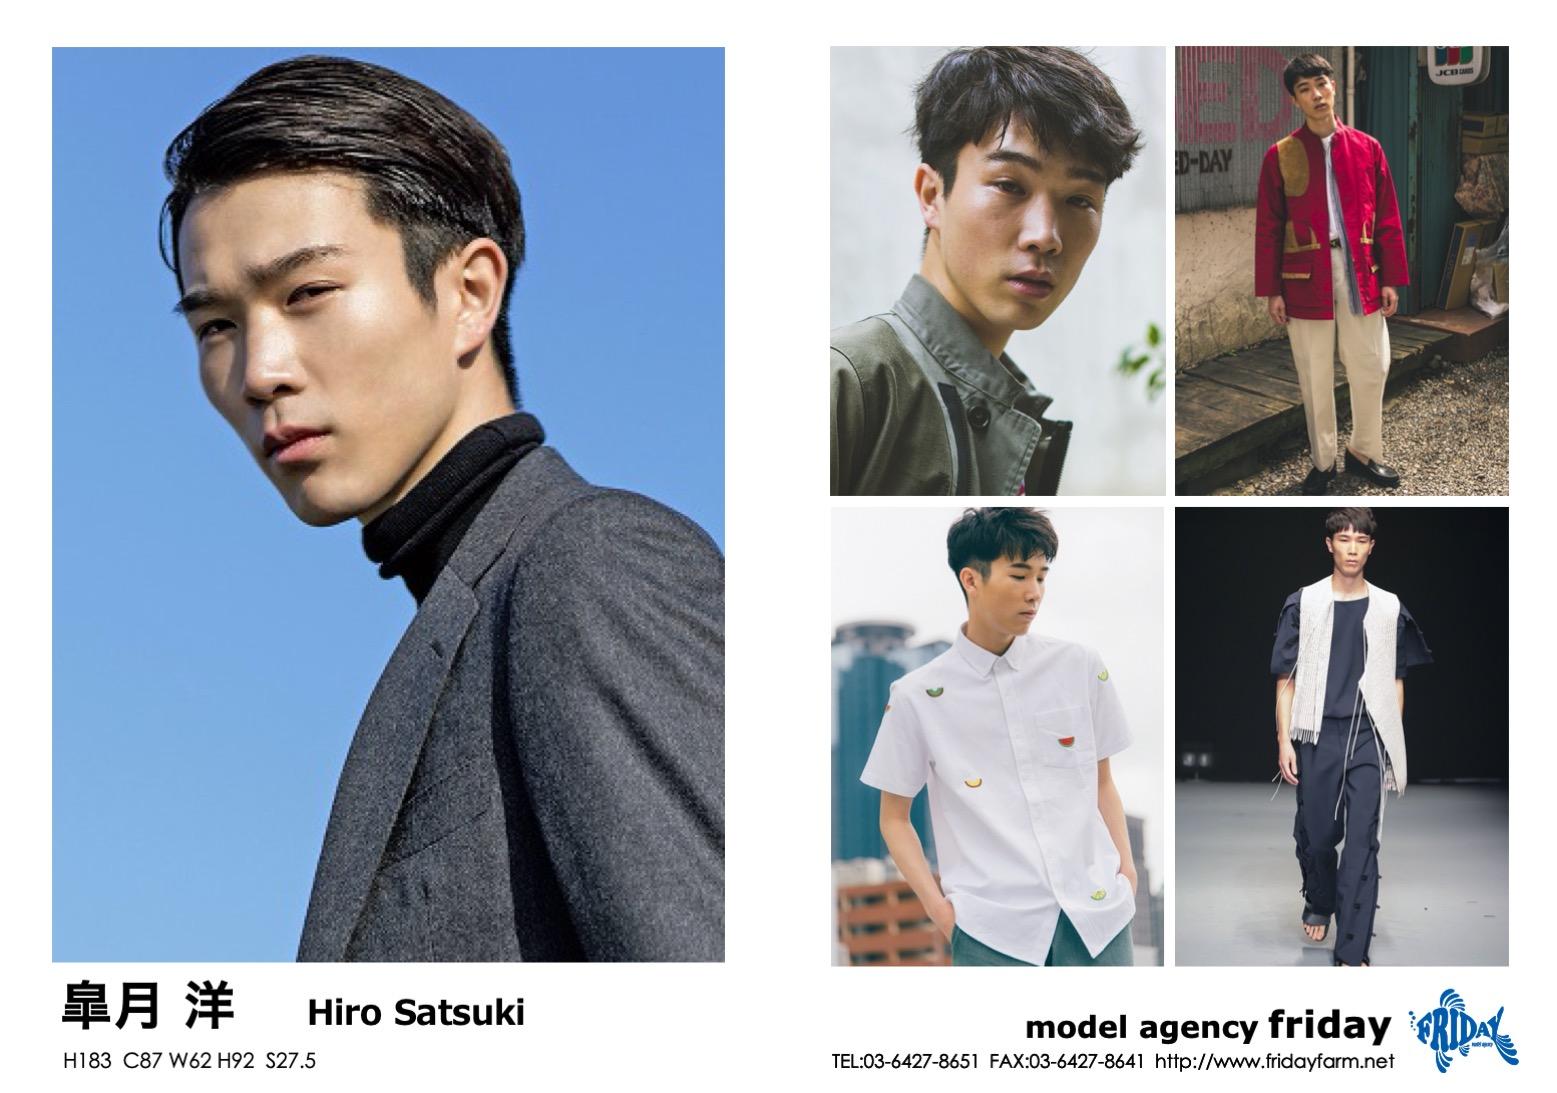 皐月 洋 - Hiro Satsuki | model agency friday